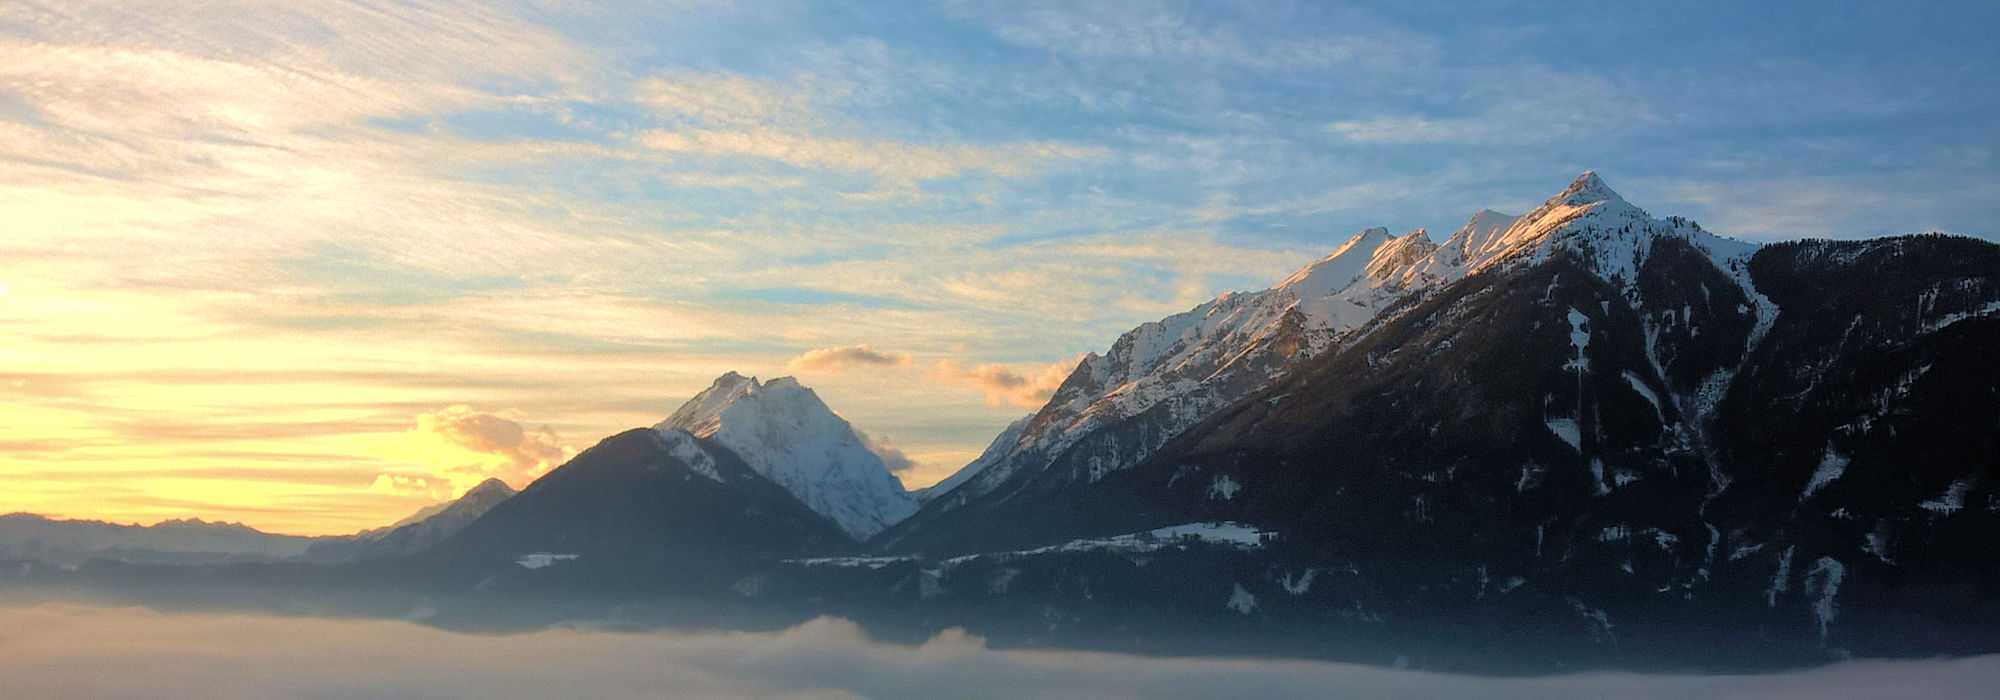 Willkommen in den Bergwelten